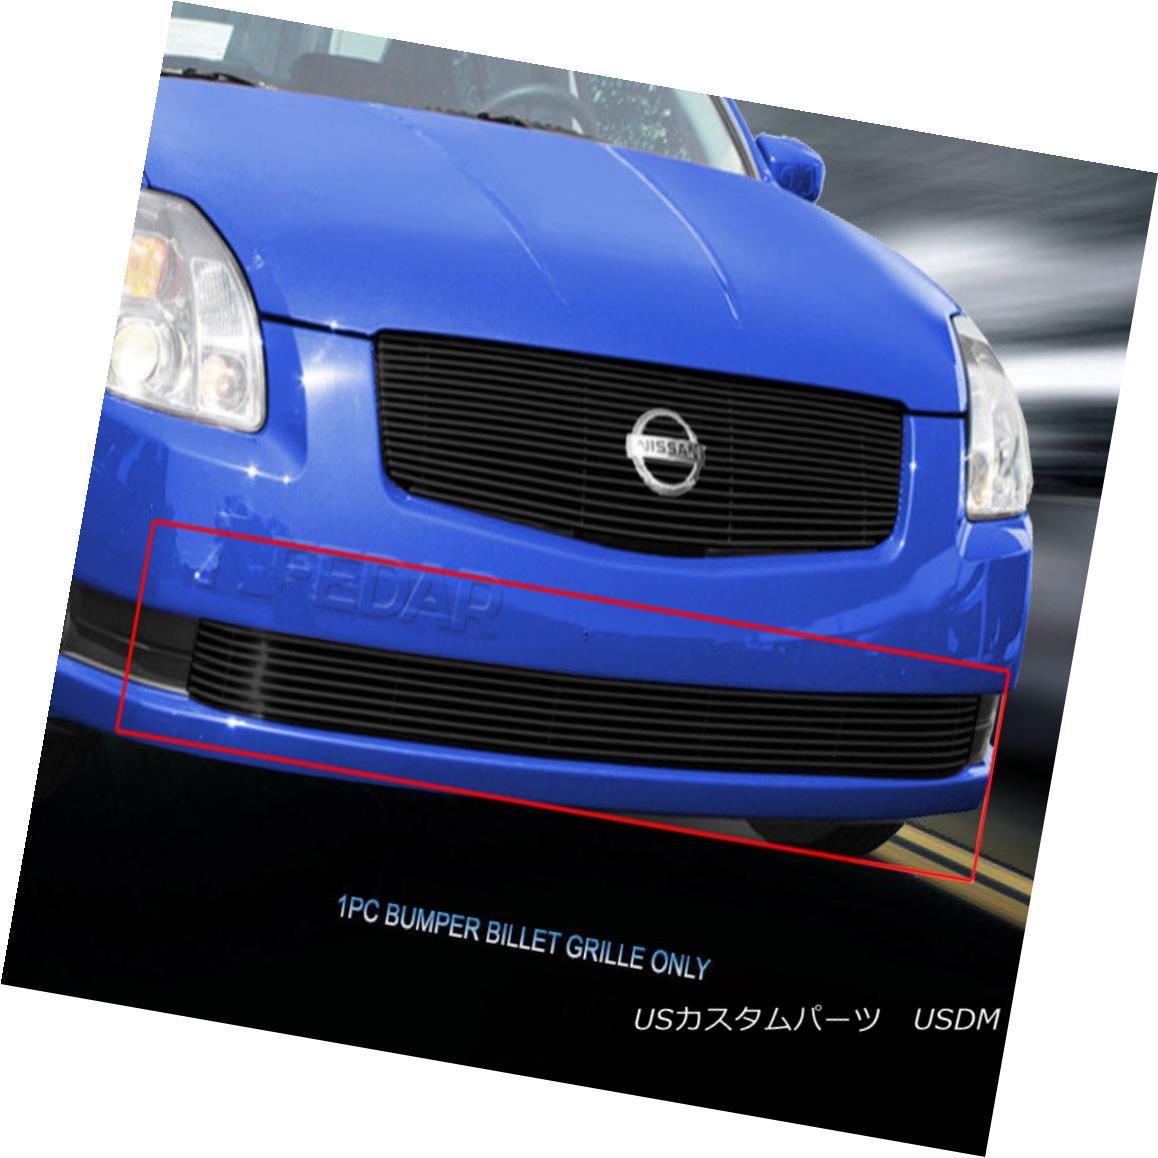 グリル Fits 04-06 Nissan Sentra Black Billet Grille Lower Bumper Grill Insert Fedar フィット04-06日産セントラブラックビレットグリルロワーバンパーグリルインサートFedar